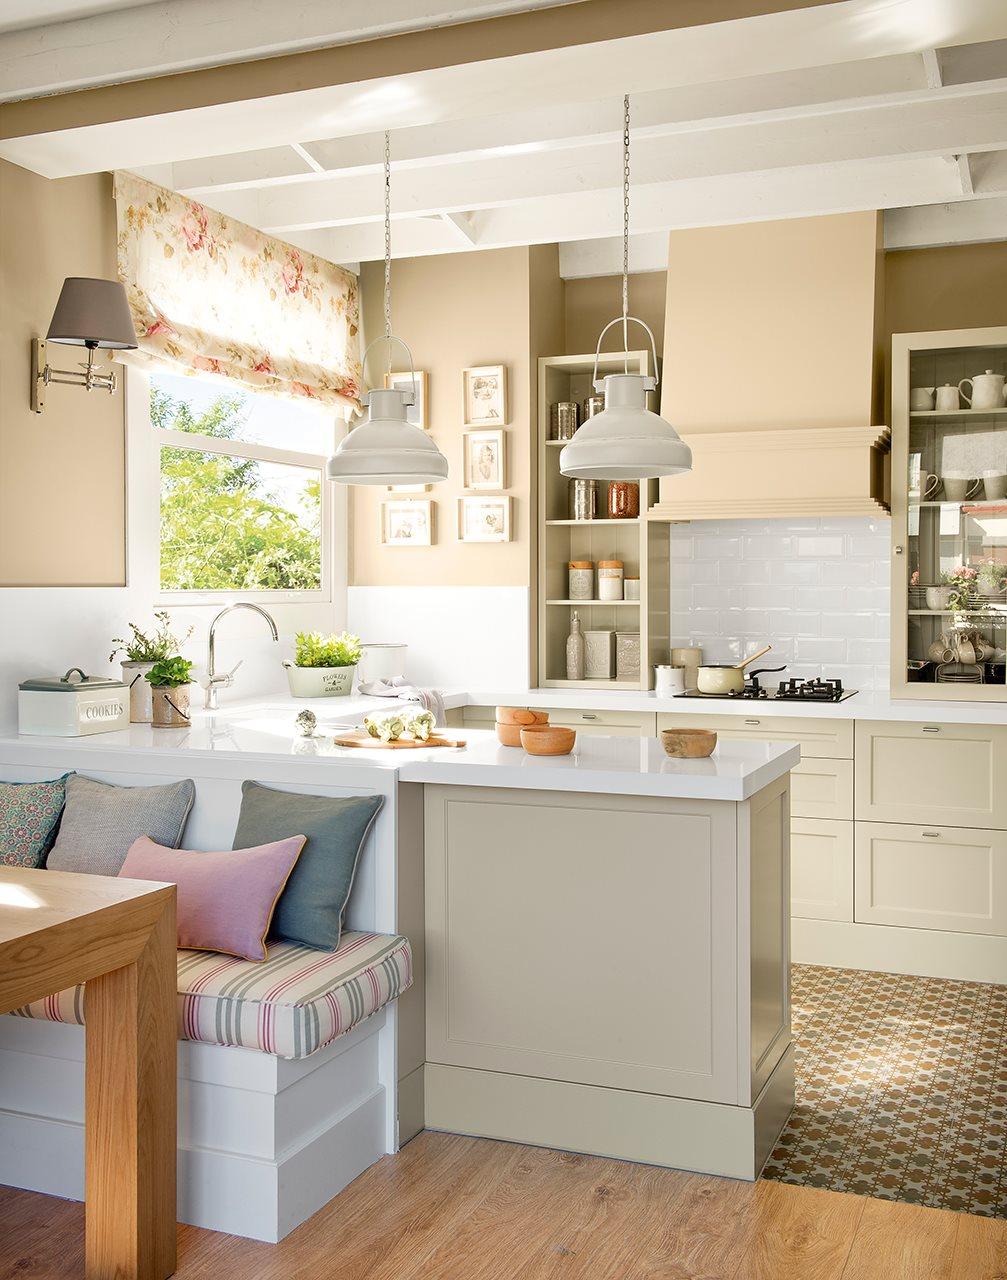 Estores para cocinas modernas cheap descargar en pdf with - Estores para cocinas modernas ...